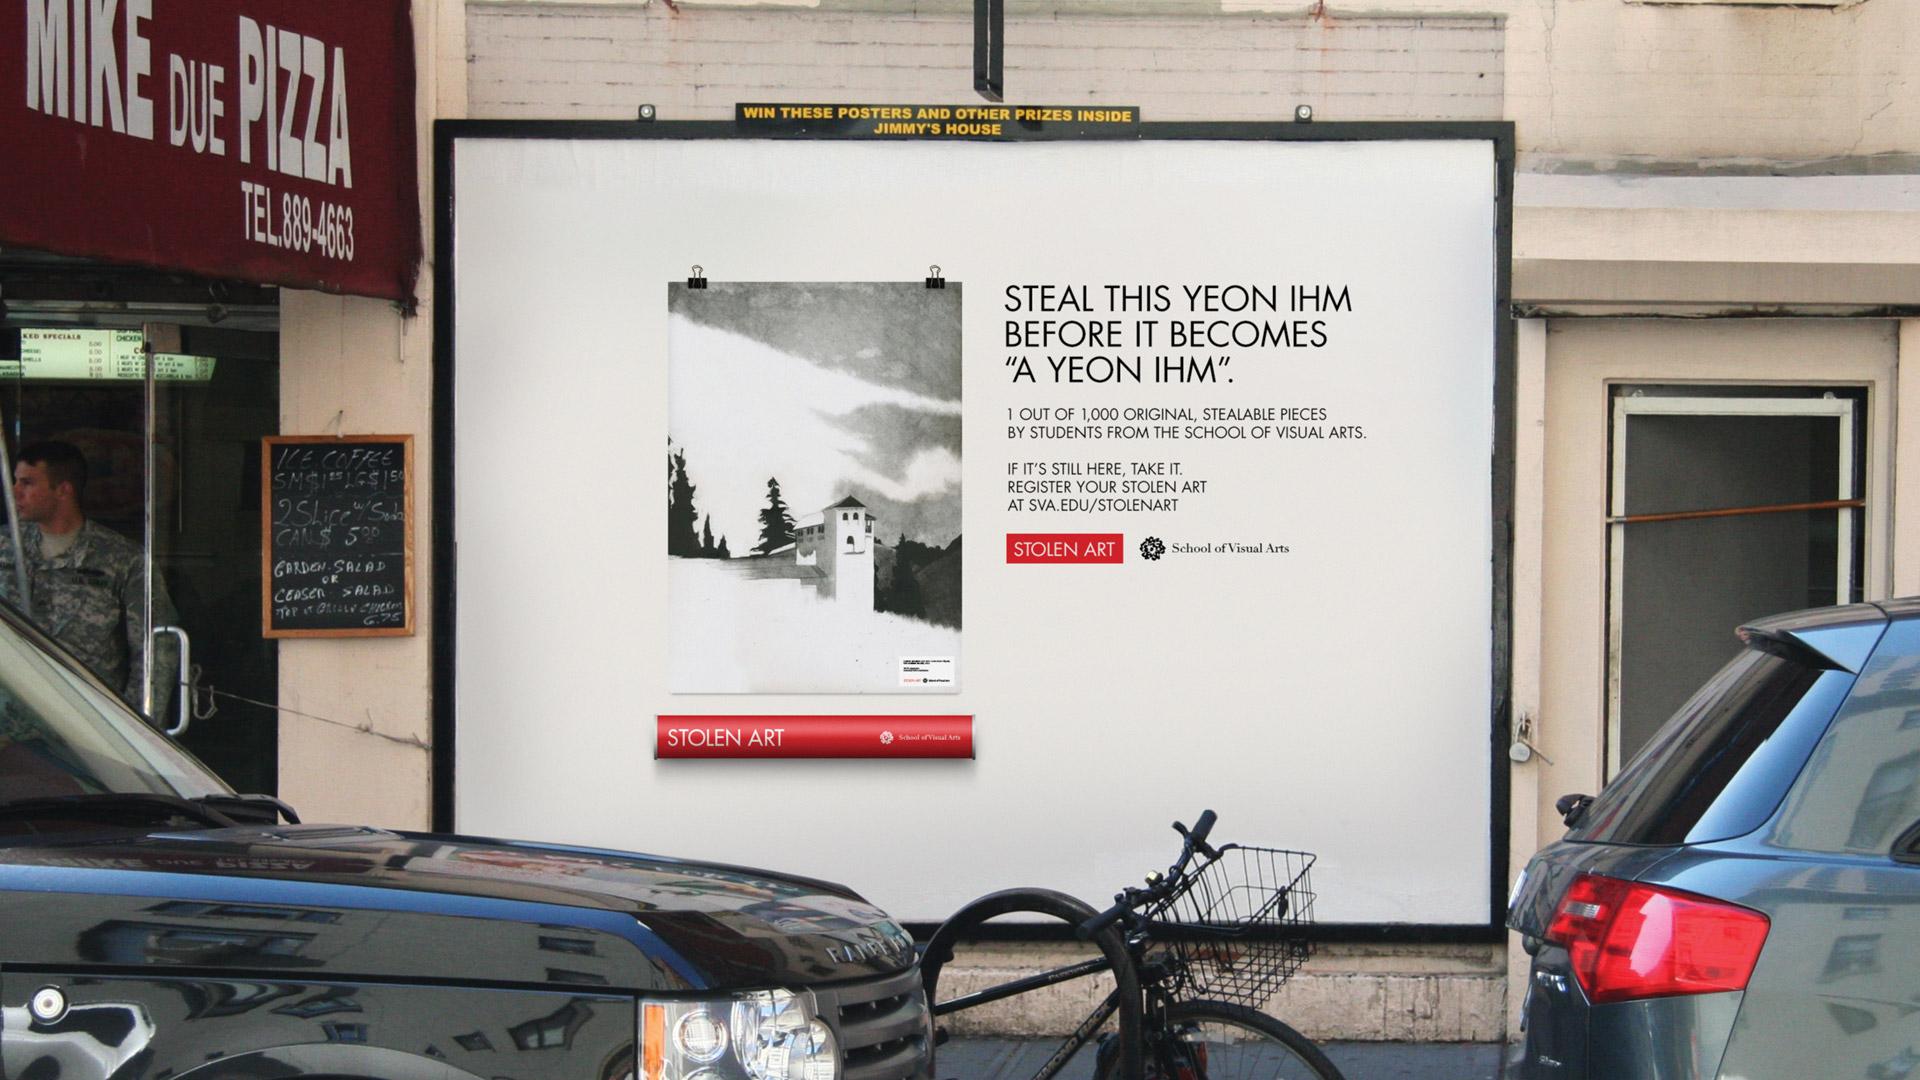 SVA Campaign